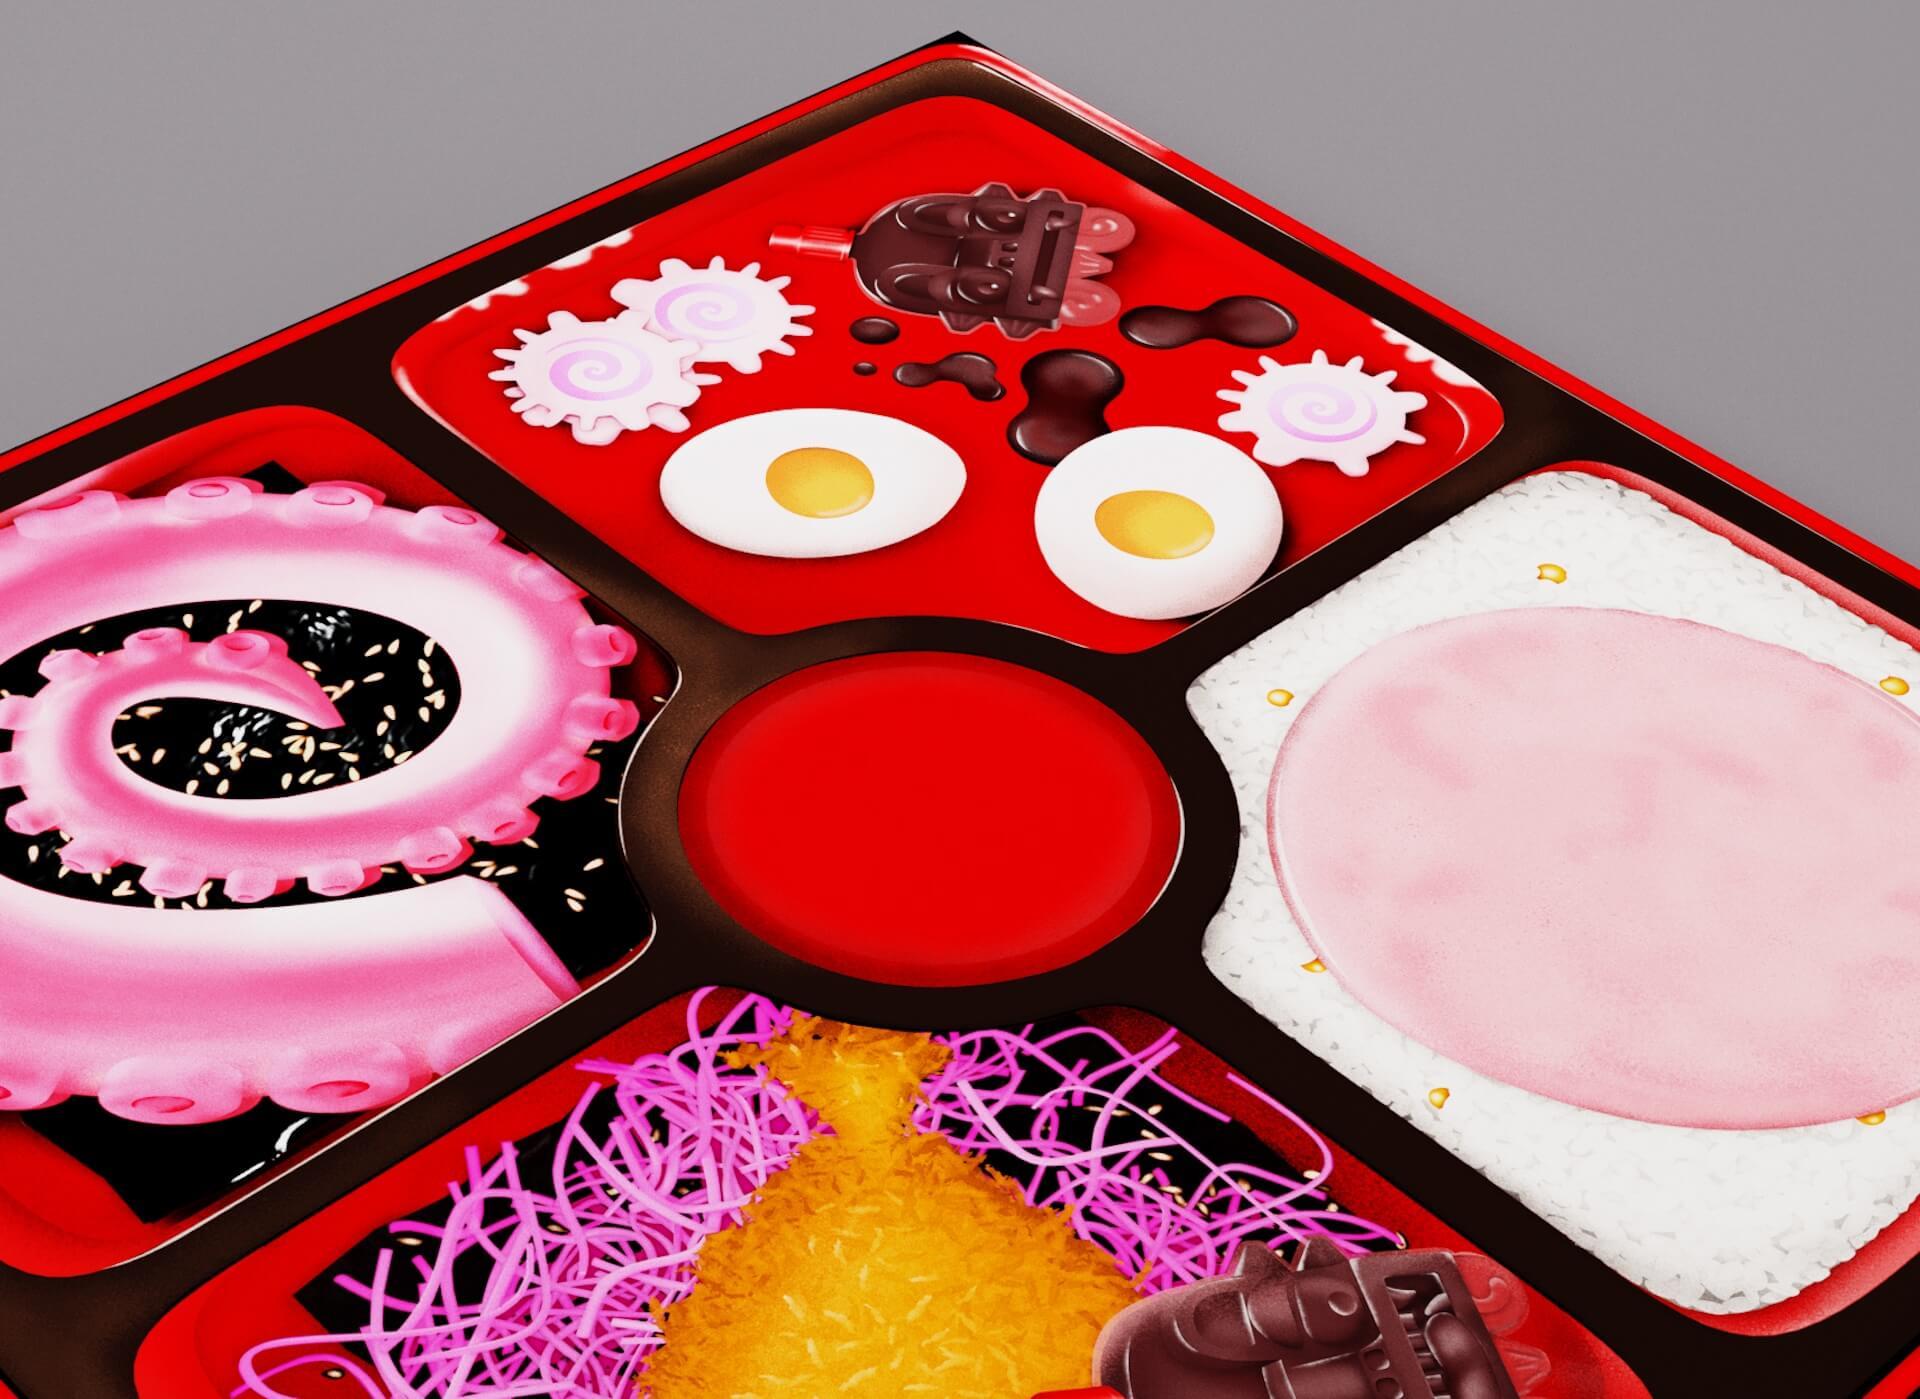 食品まつり a.k.a foodmanのニューアルバム『Yasuragi Land』が名門〈Hyperdub〉からリリース決定! music210414_foodman_hyperdub_5